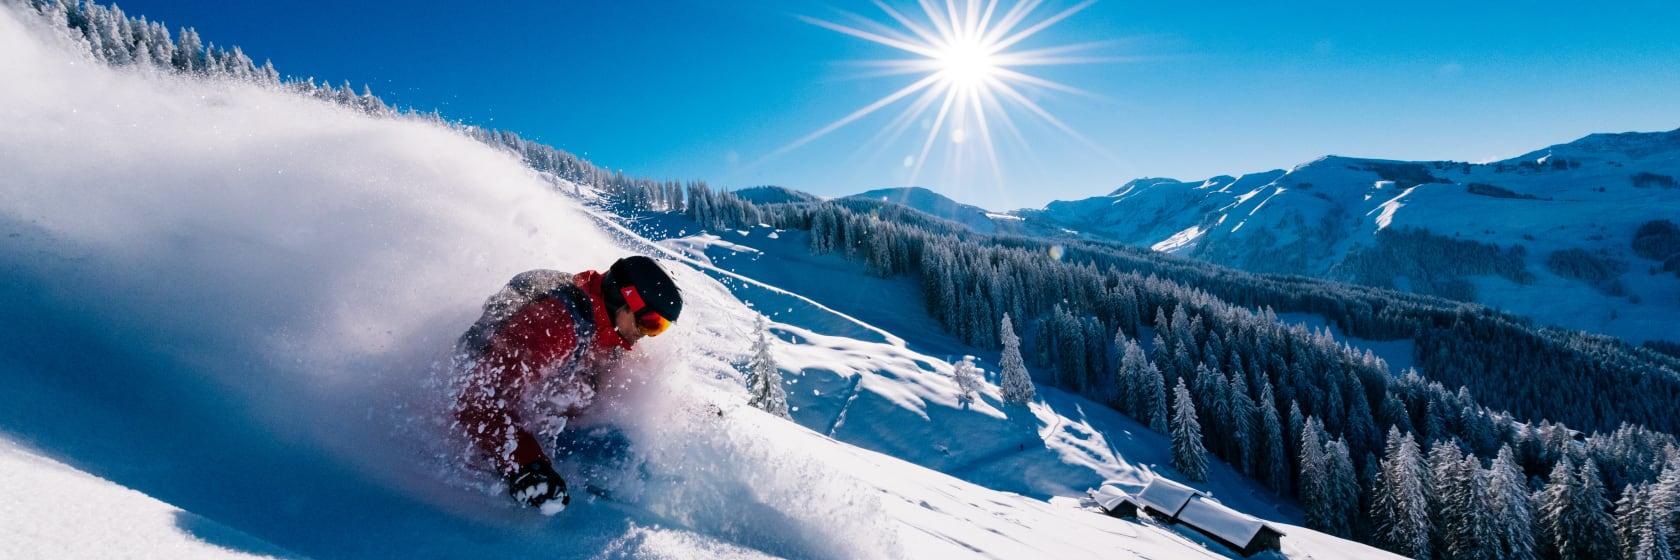 Skiløber på ski i hvid sne med blå himmel i baggrunden